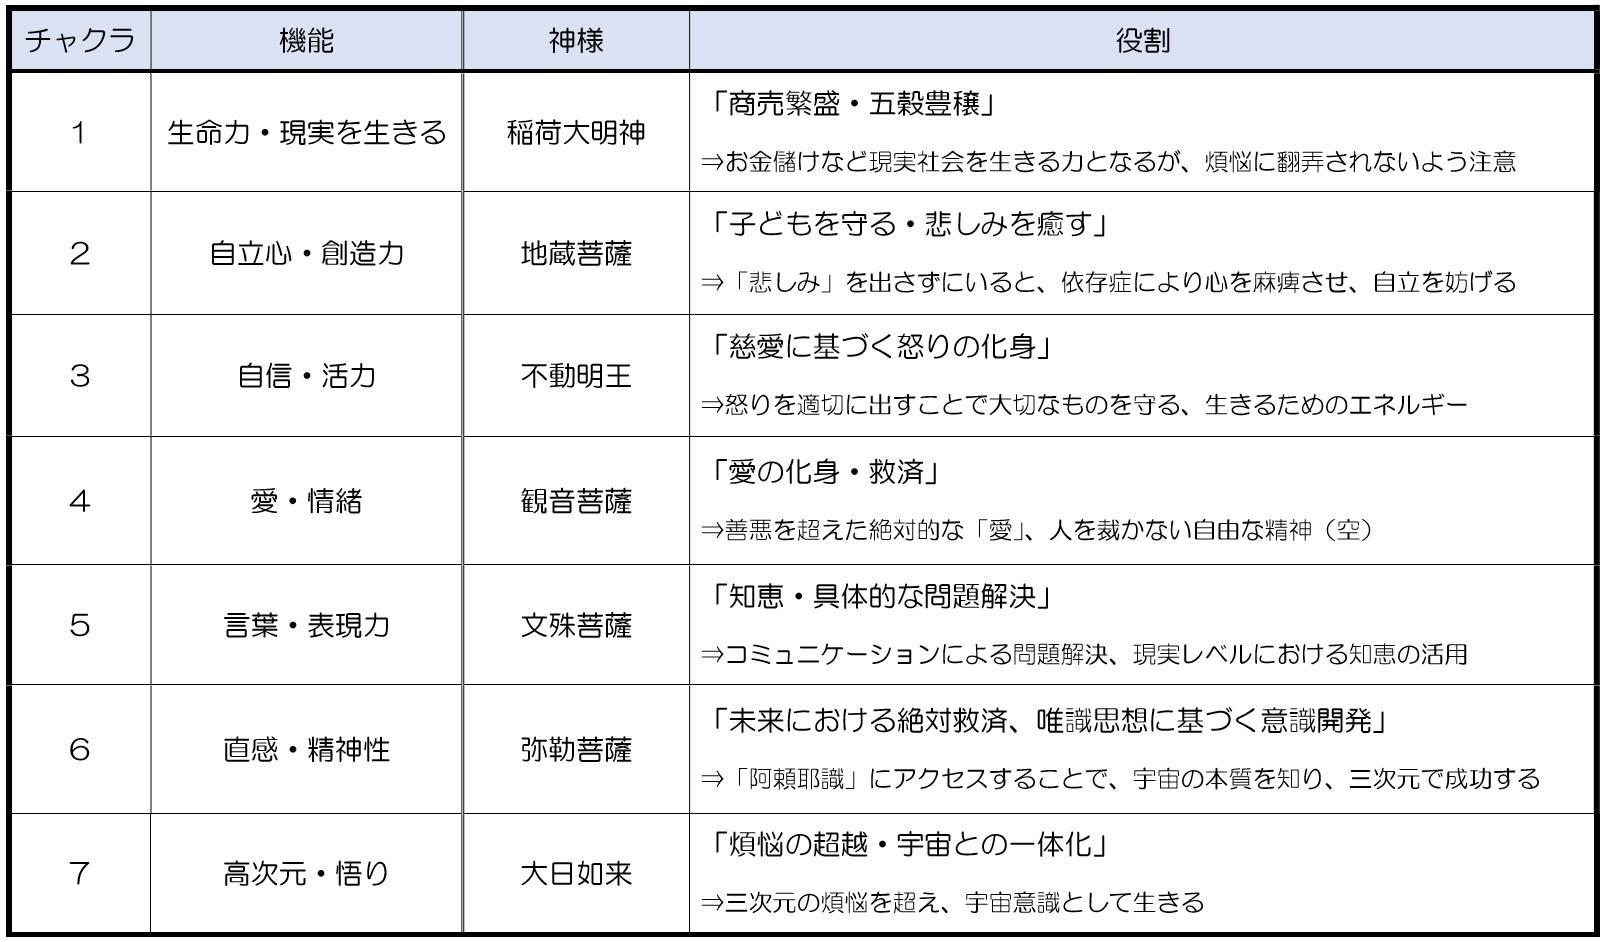 ■1月18日(土)/東京/超意識を活用して、思い通りの人生を掴む7つの方法_b0002156_17132582.jpg